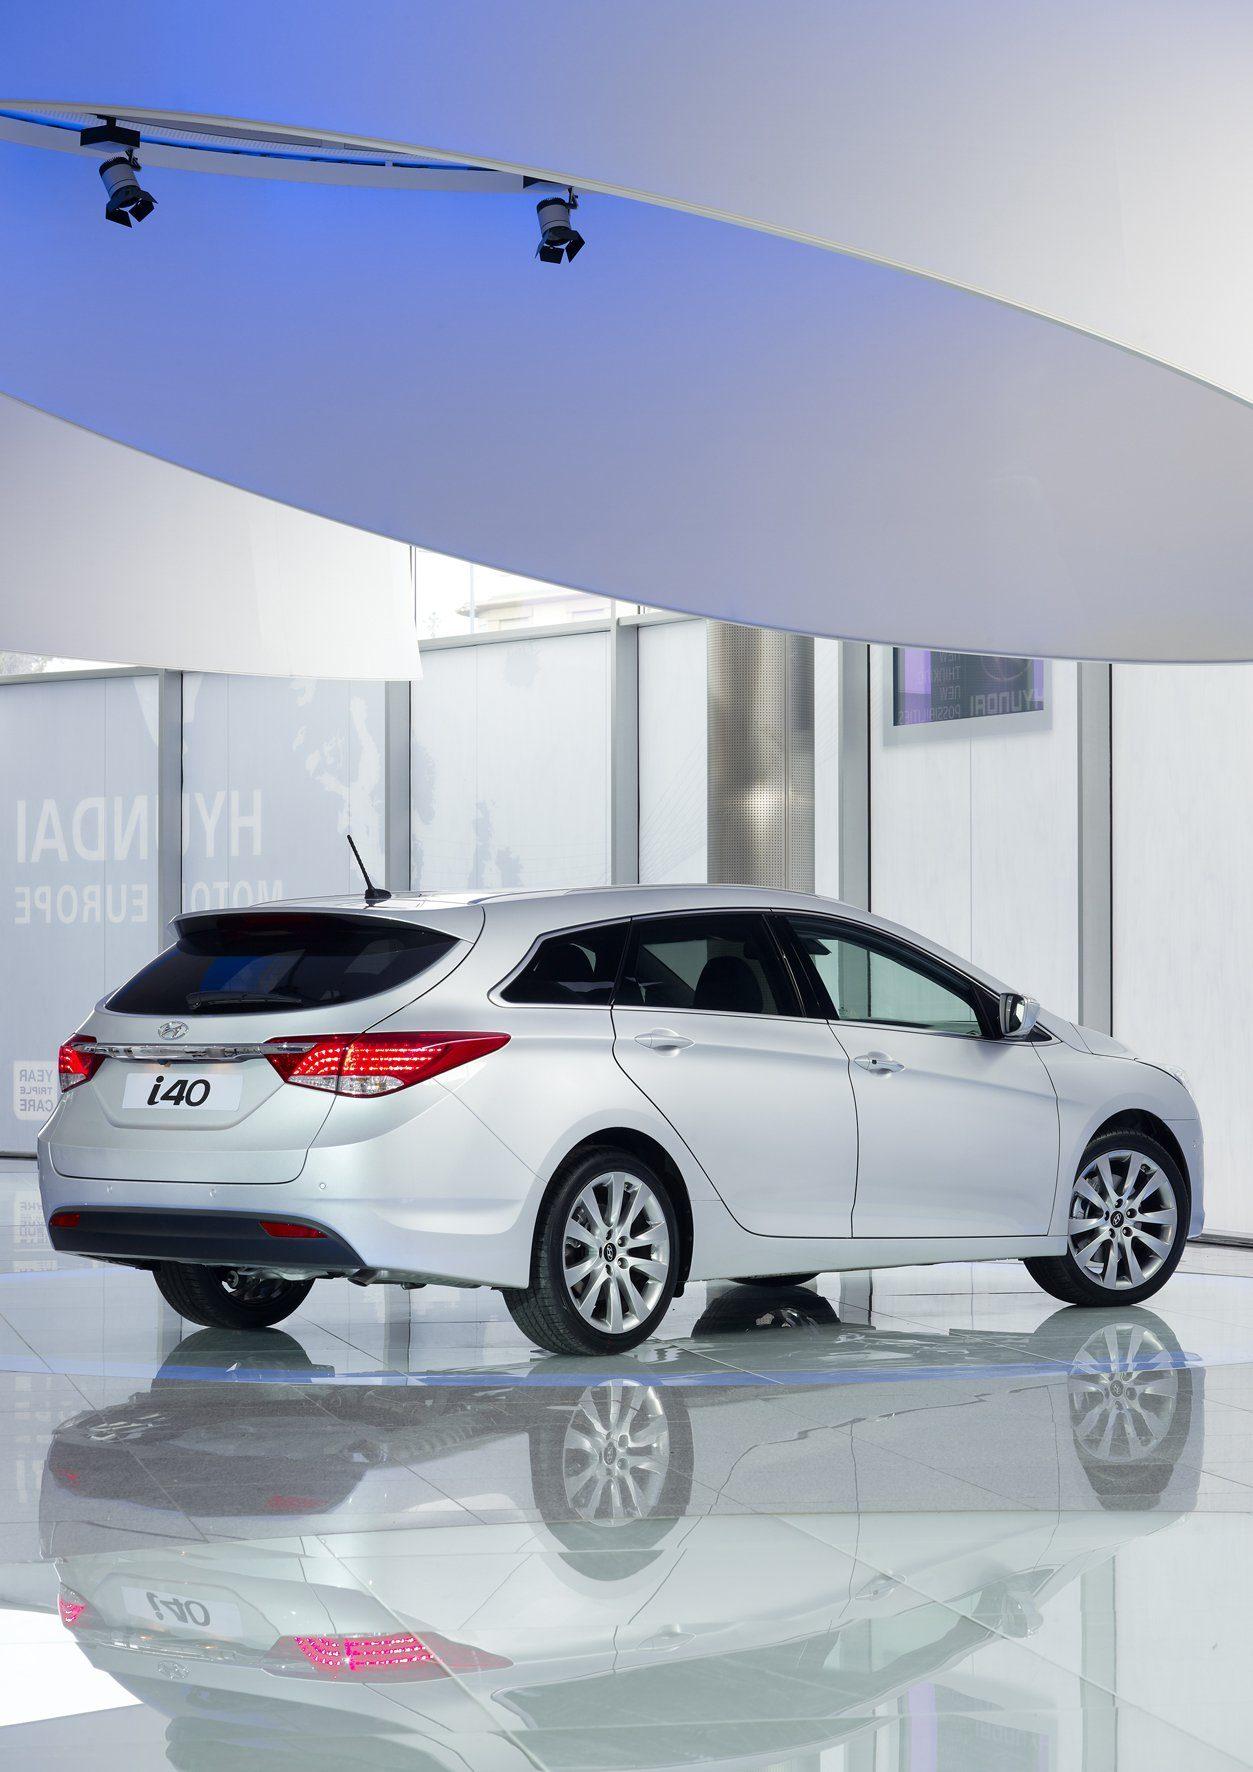 Hyundai_i40_Cw_01.jpg